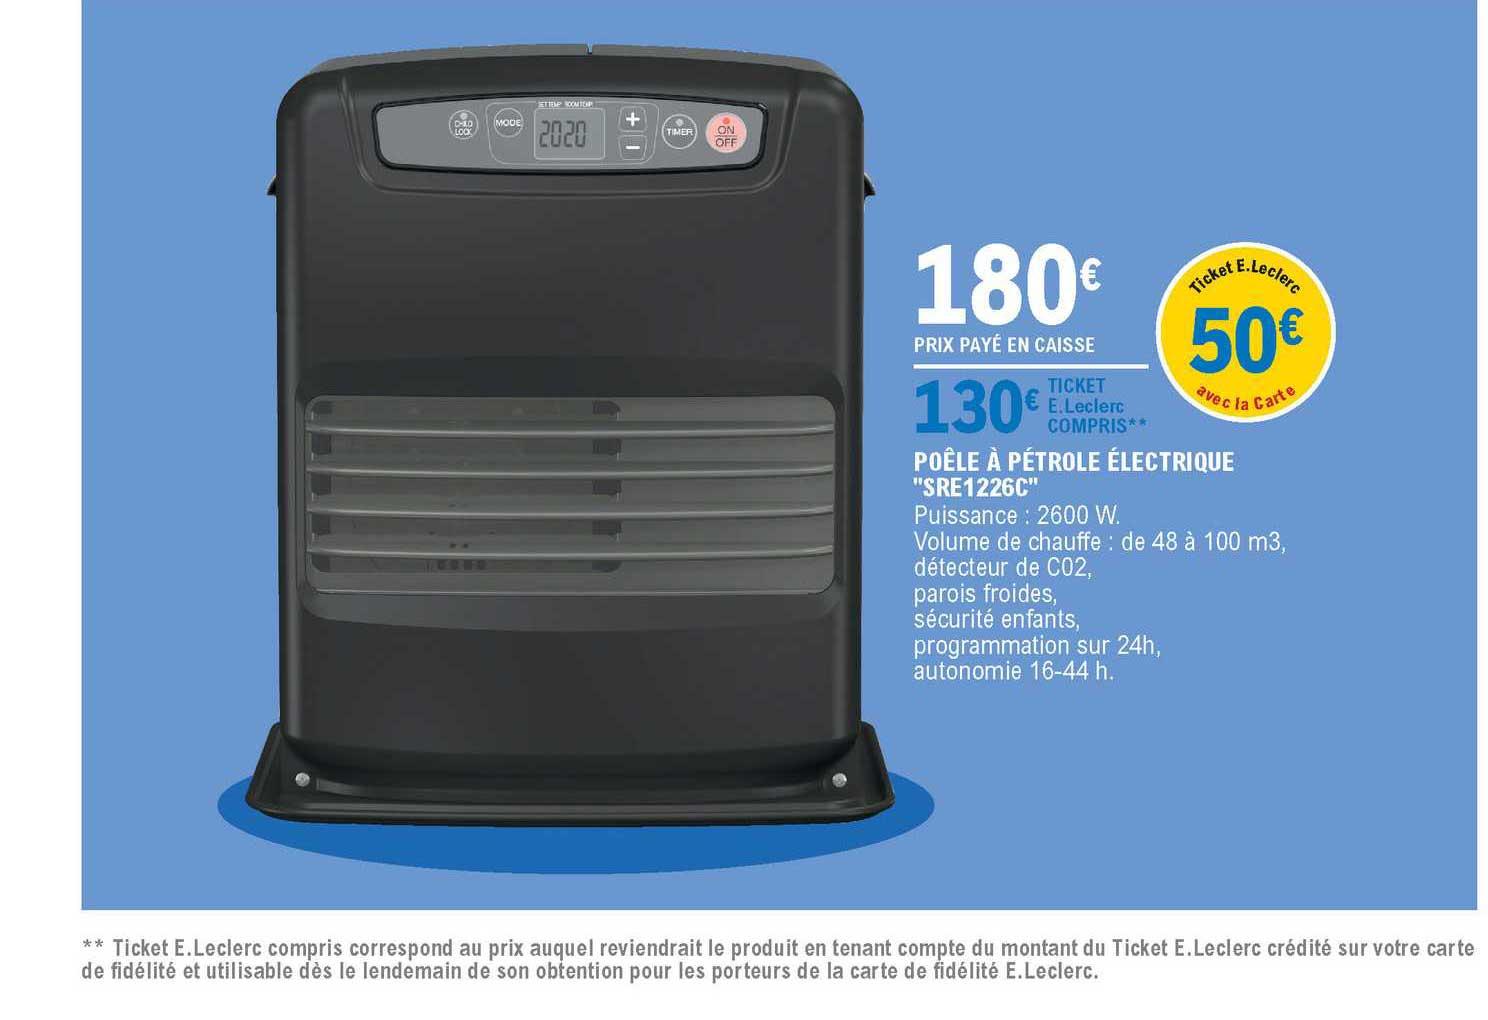 Les Offres A Petrole Electrique Sre1226c Dans Les Catalogues